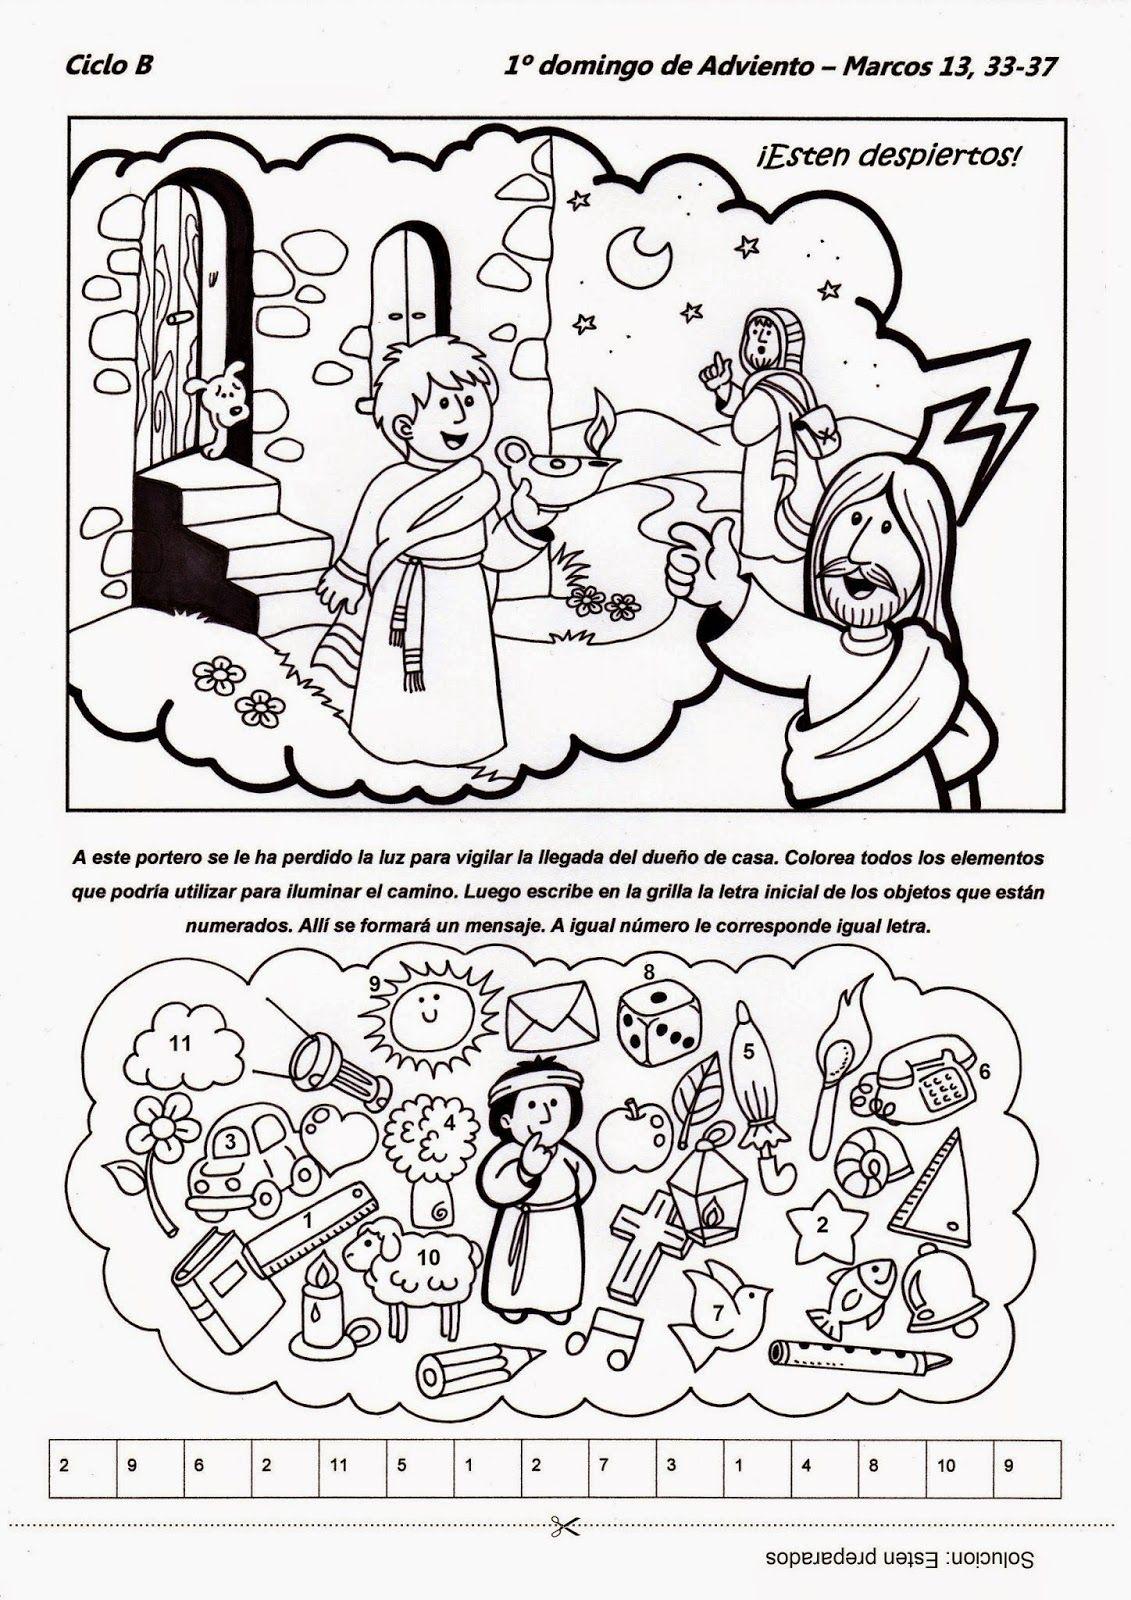 El Rincón de las Melli: 1º domingo de Adviento - CICLO B | religión ...